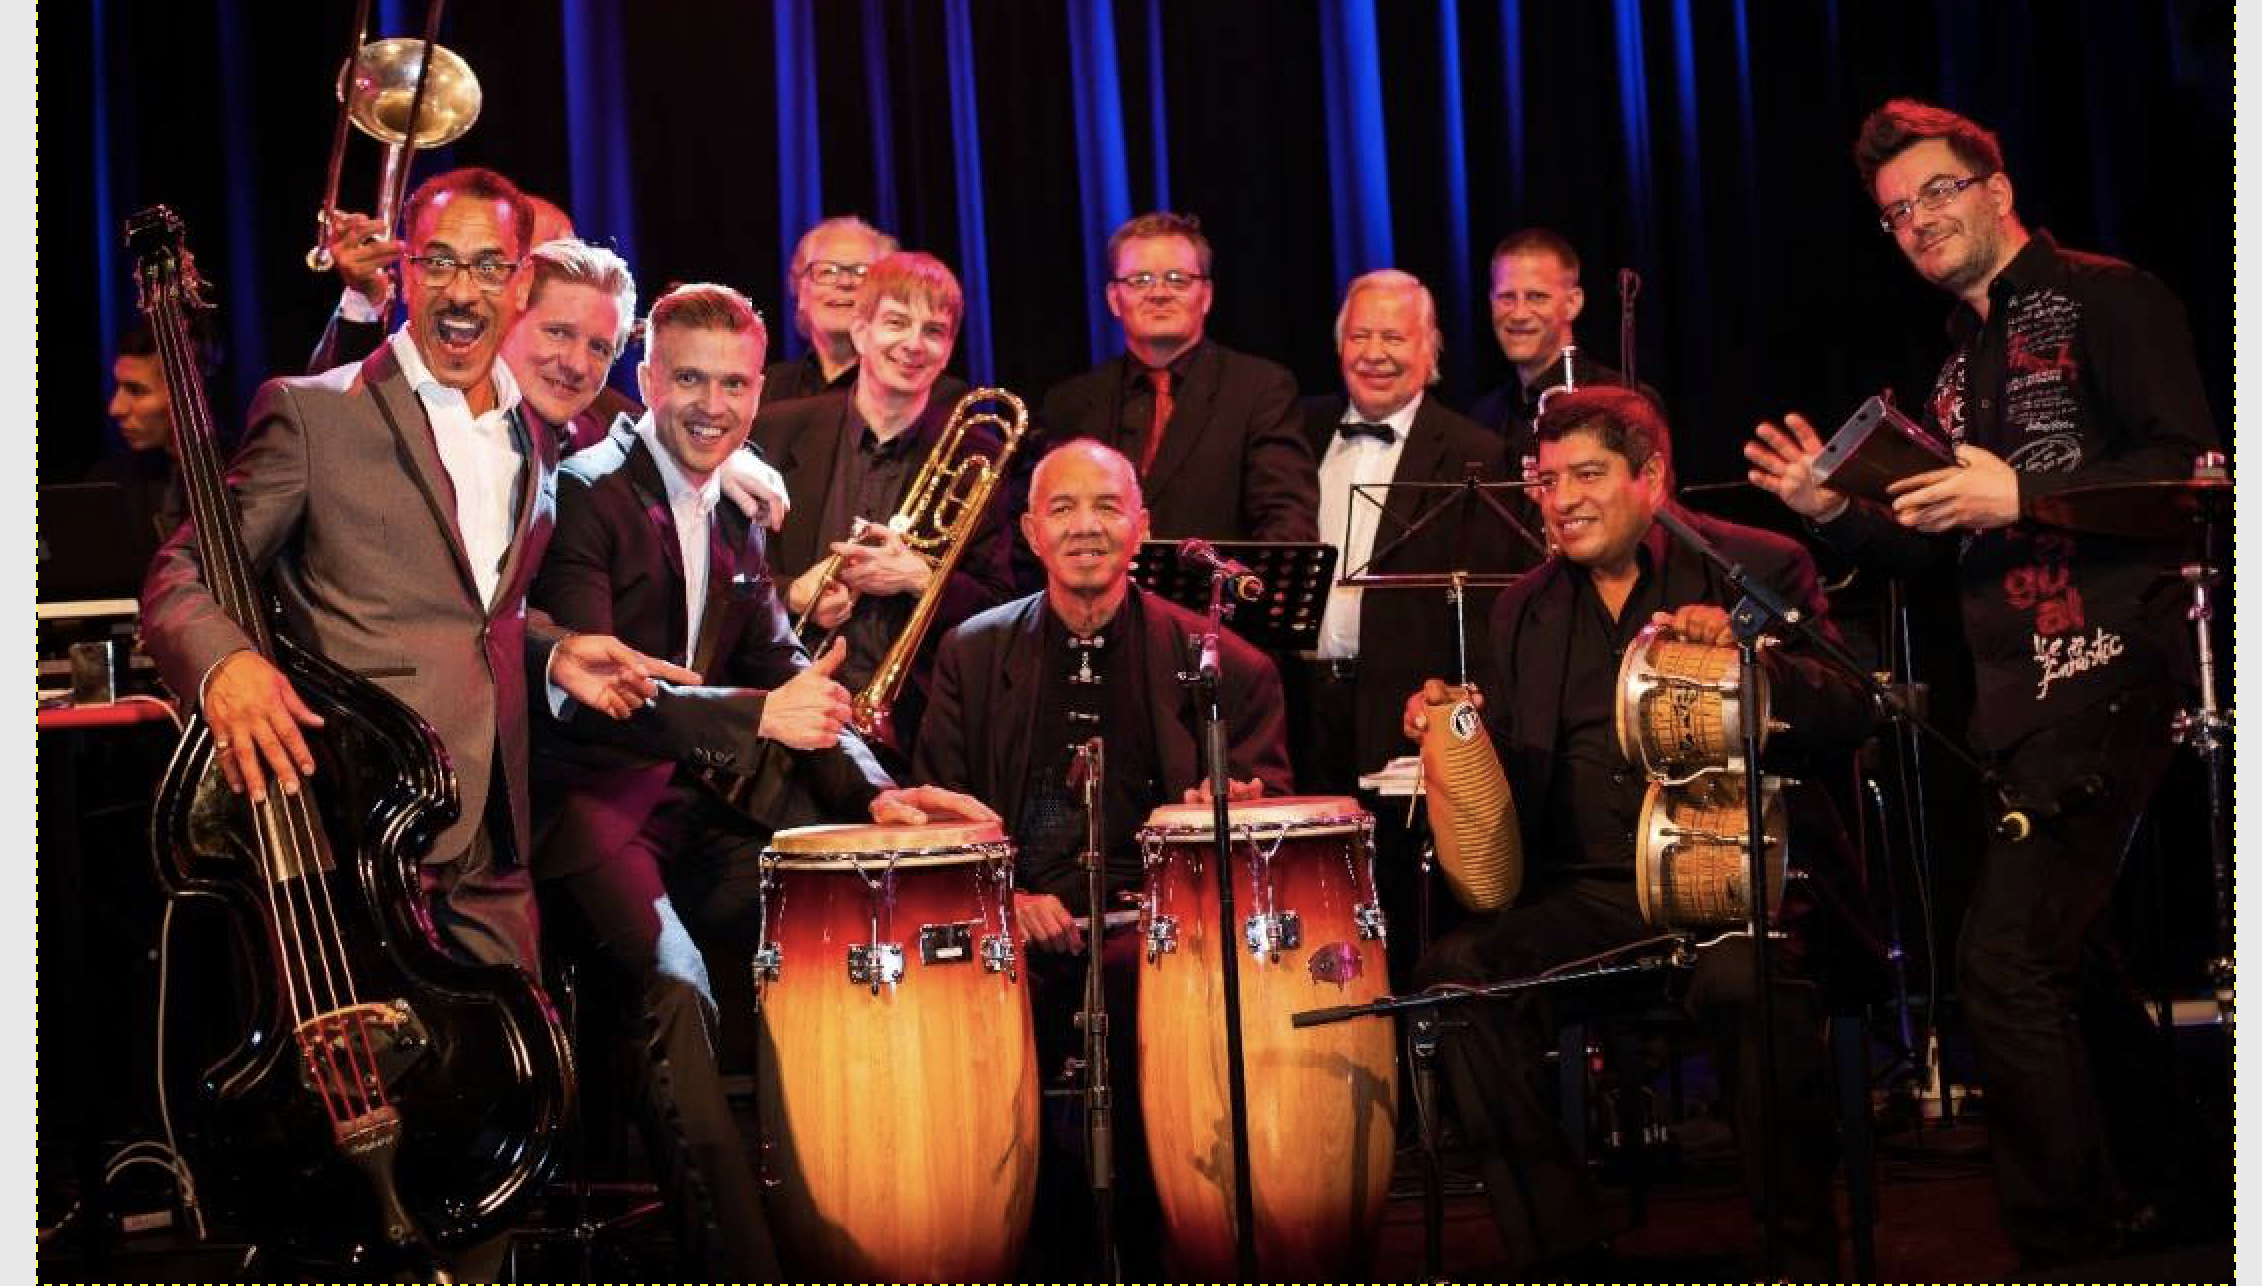 Julio Romero (yksi eläviä salsamusiikin legendoja New Yorkista), Mikko Kemppe ja hänen orkesterinsa. Kuva otettu Casino Helsingissä Palladium Nights illoista.